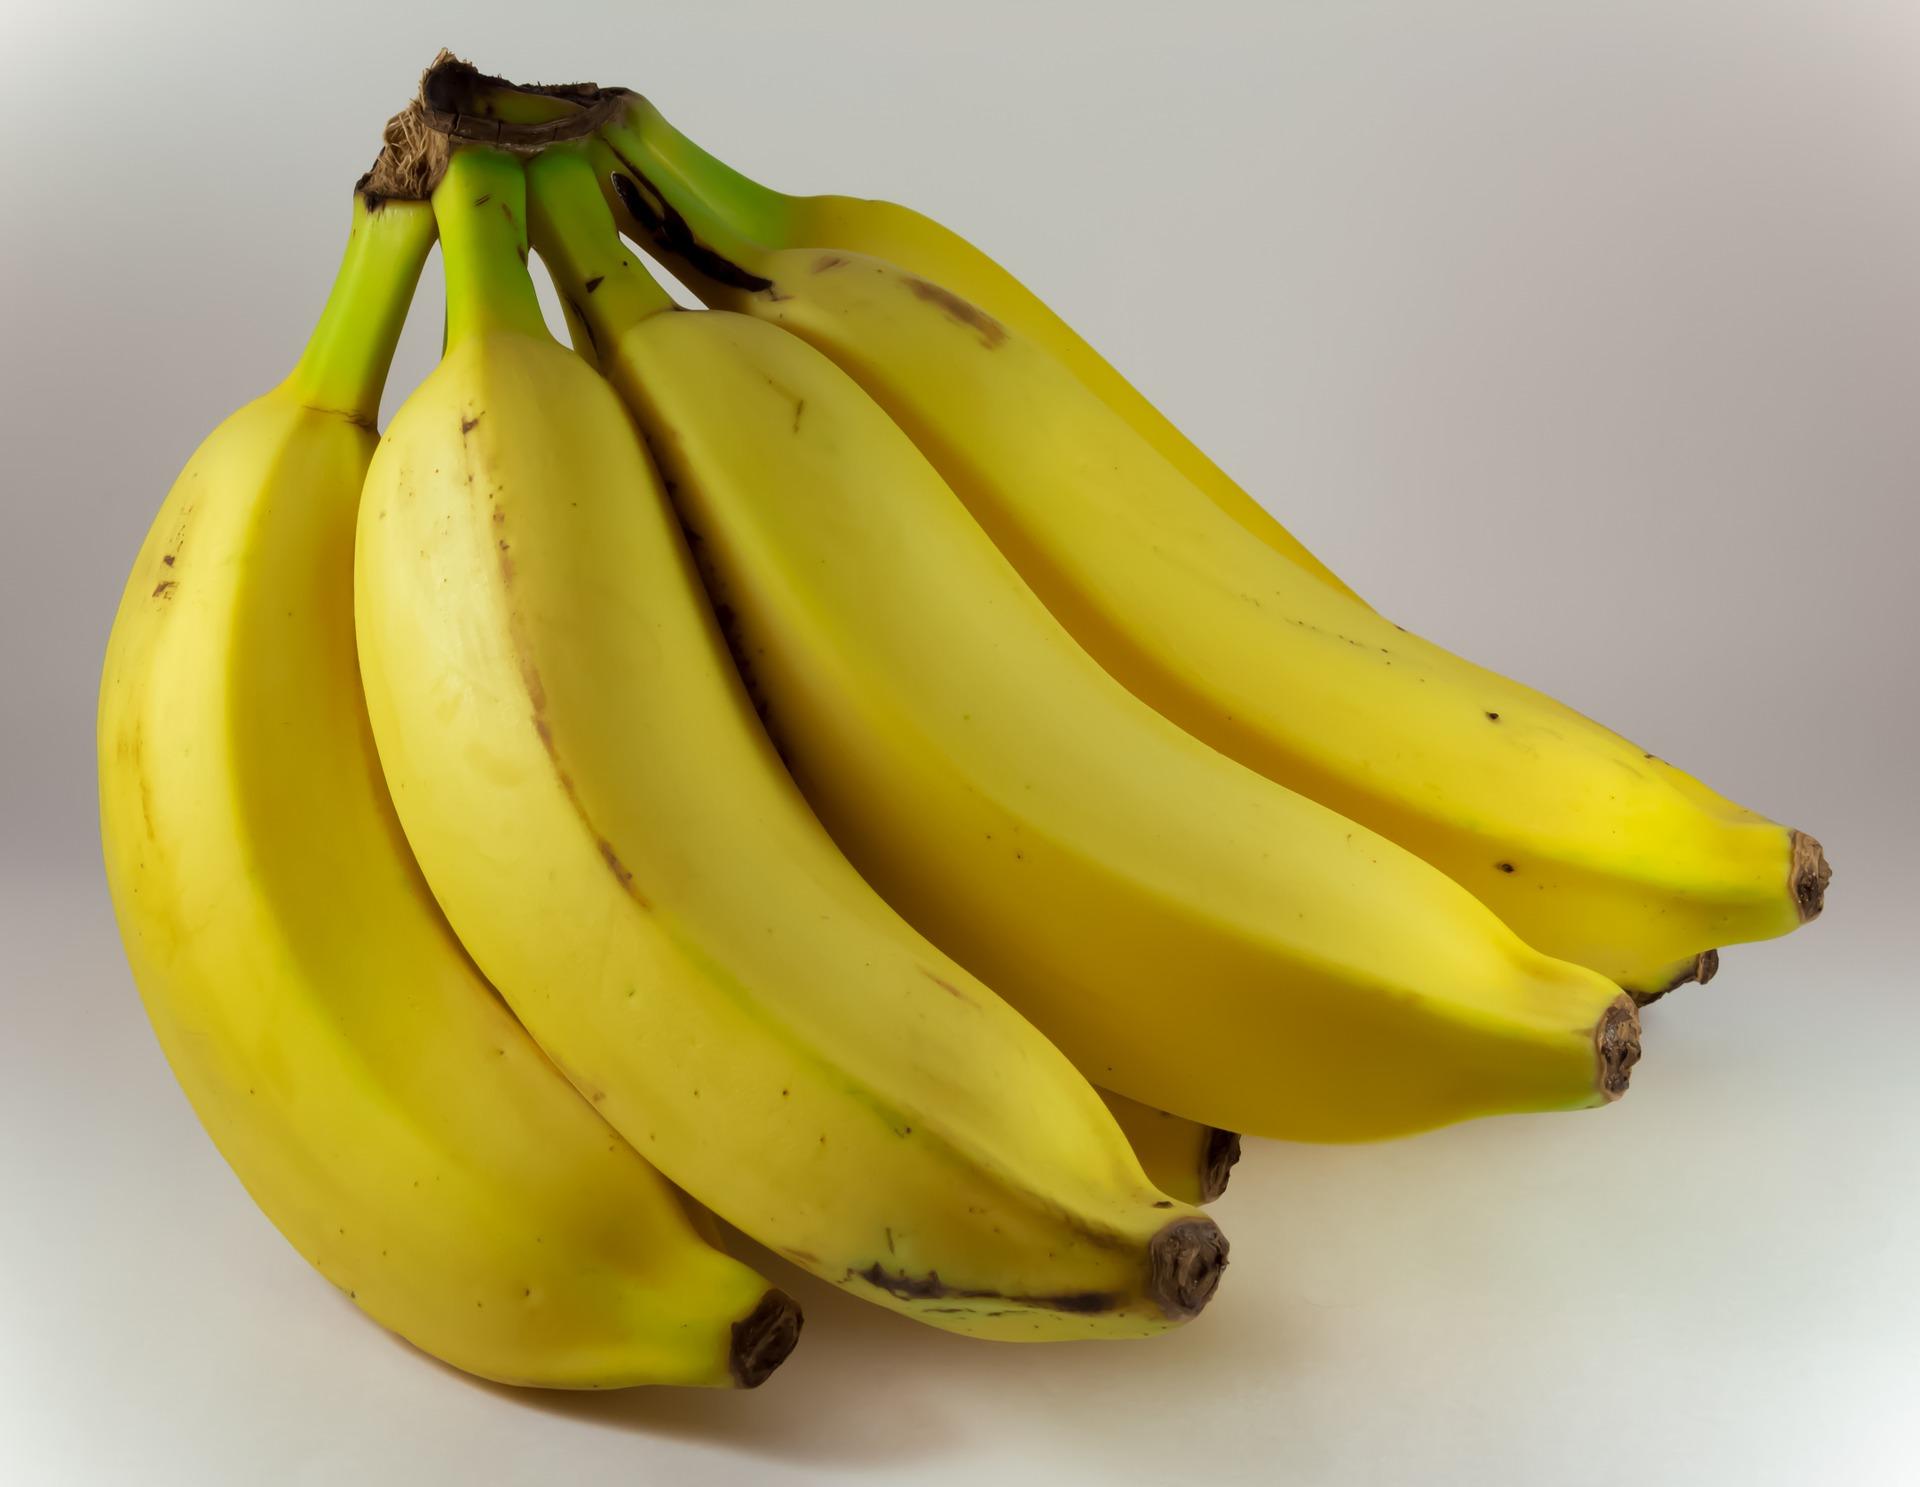 Factcheck: 'Nergens worden meer bananen gegeten dan in Oeganda'